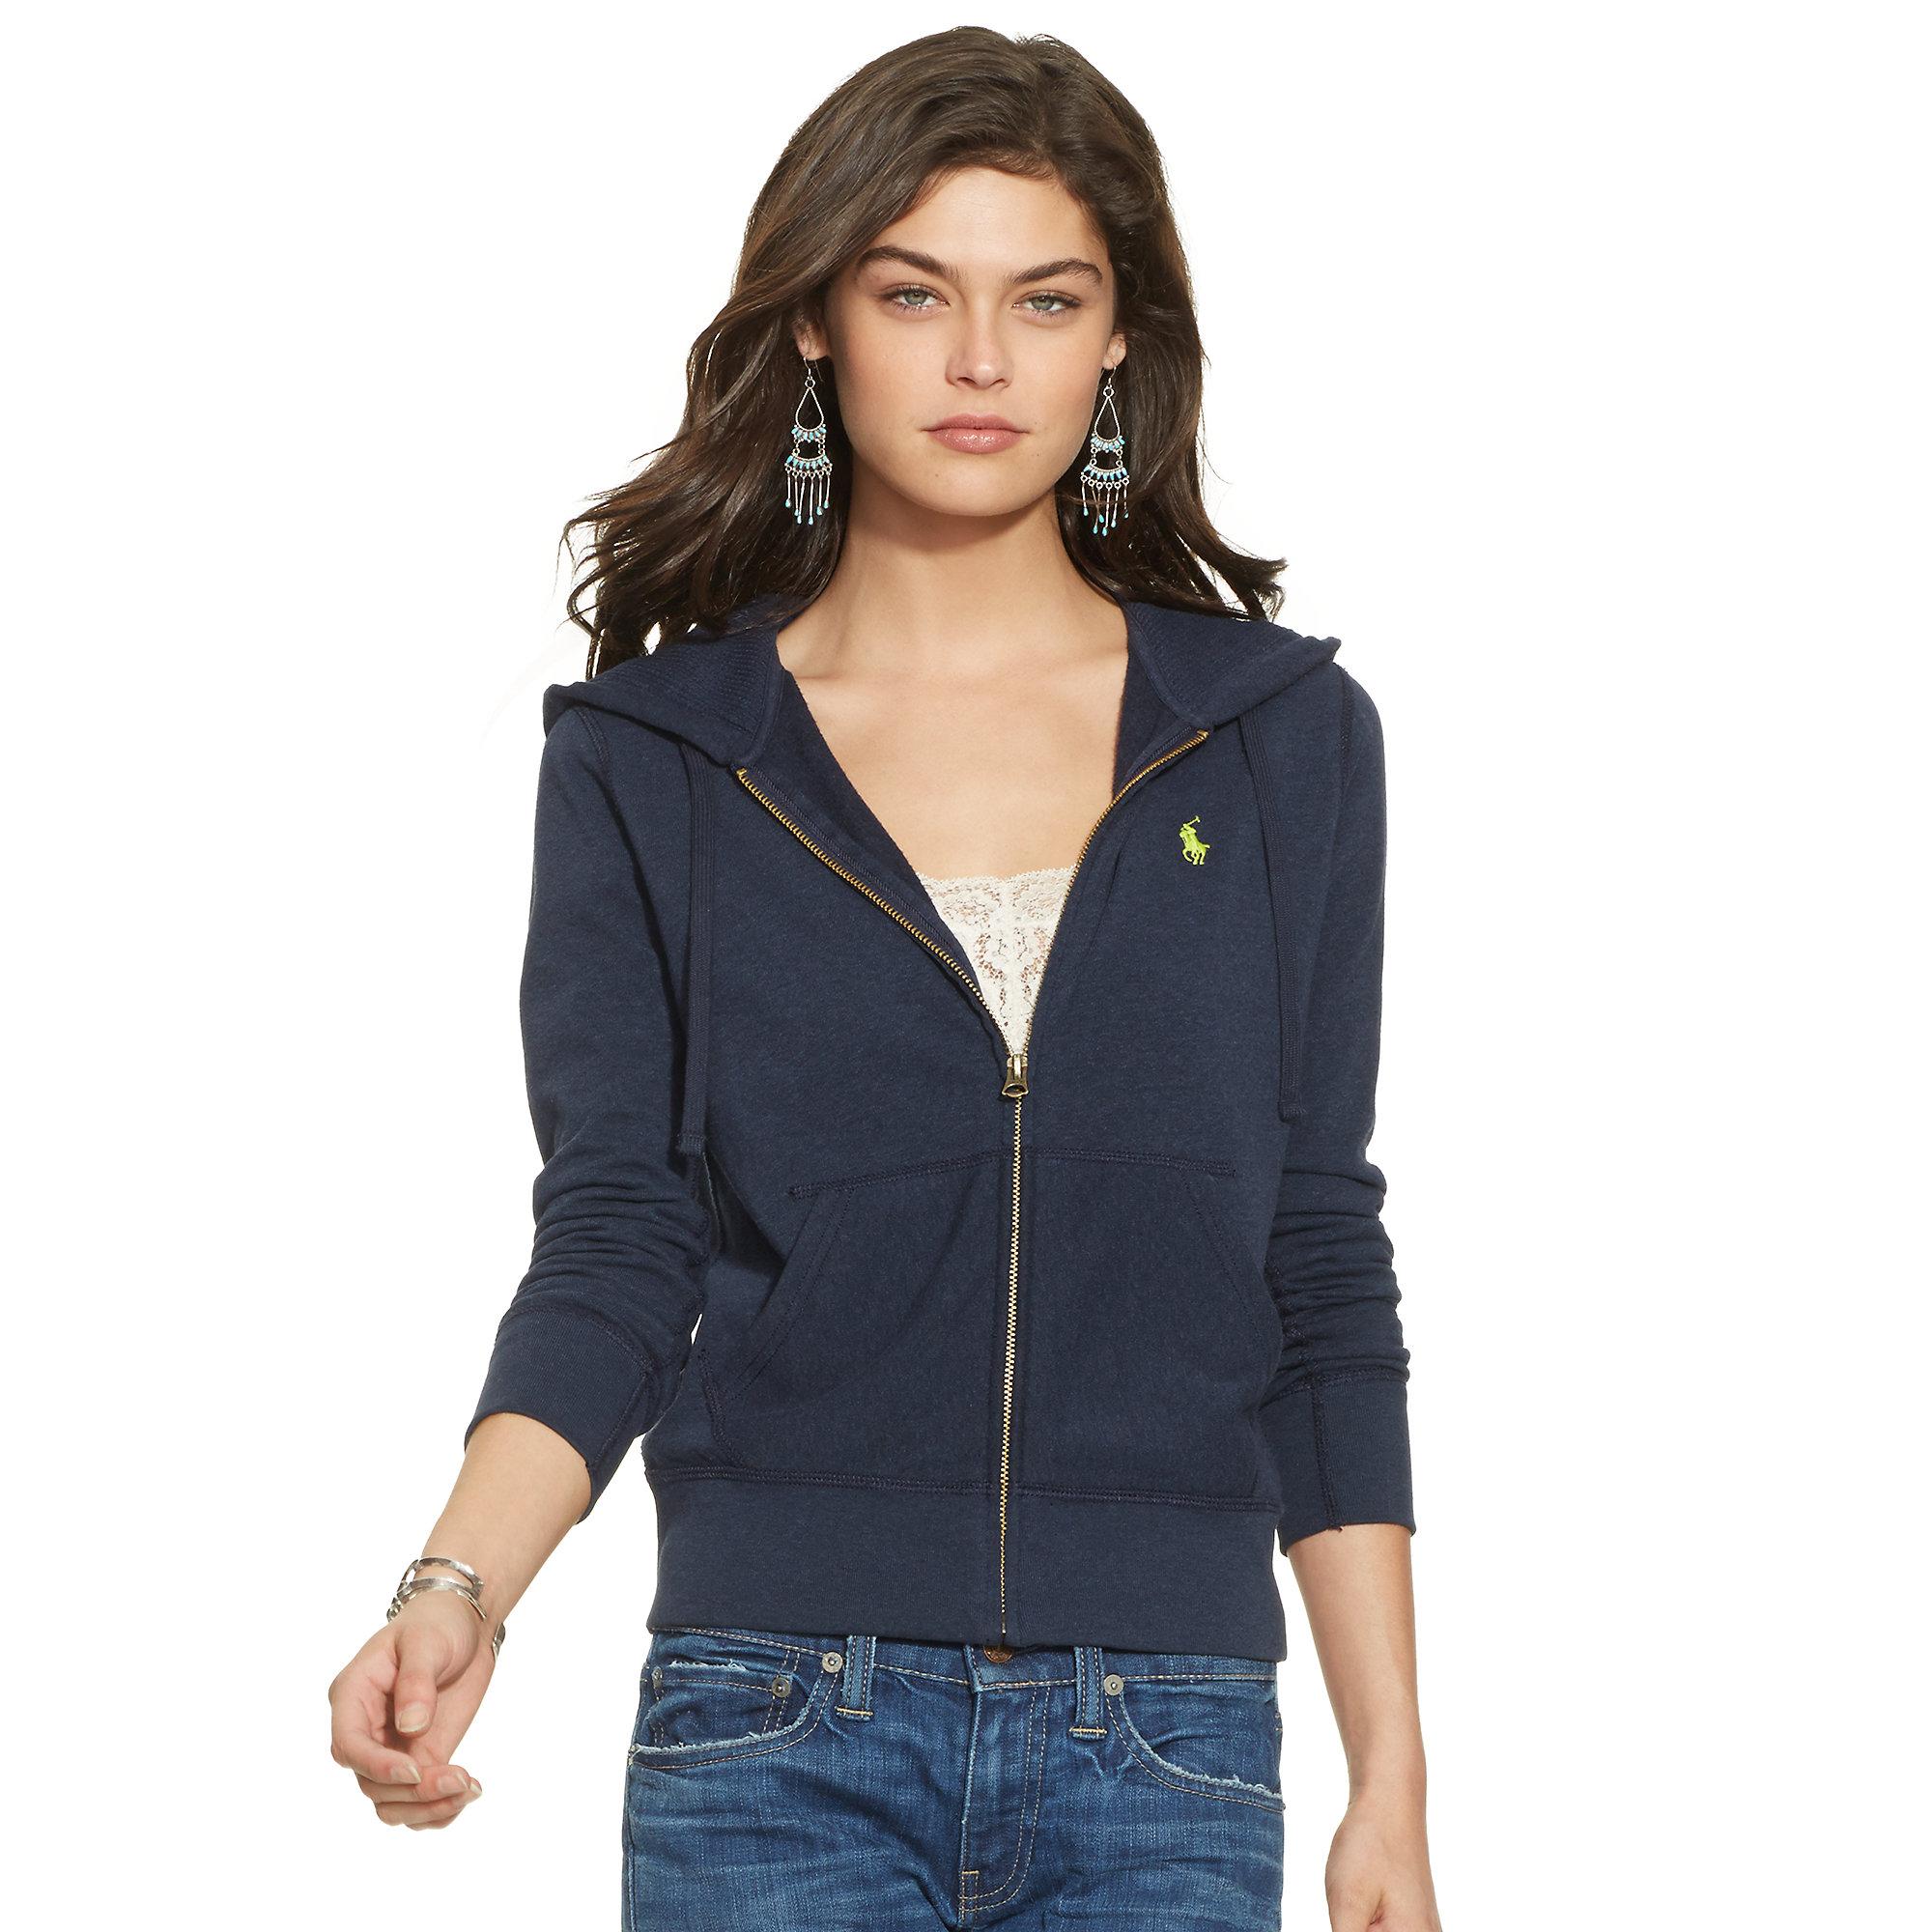 official store ralph lauren polo sweater women 69e1d de5b0 a16d6303e